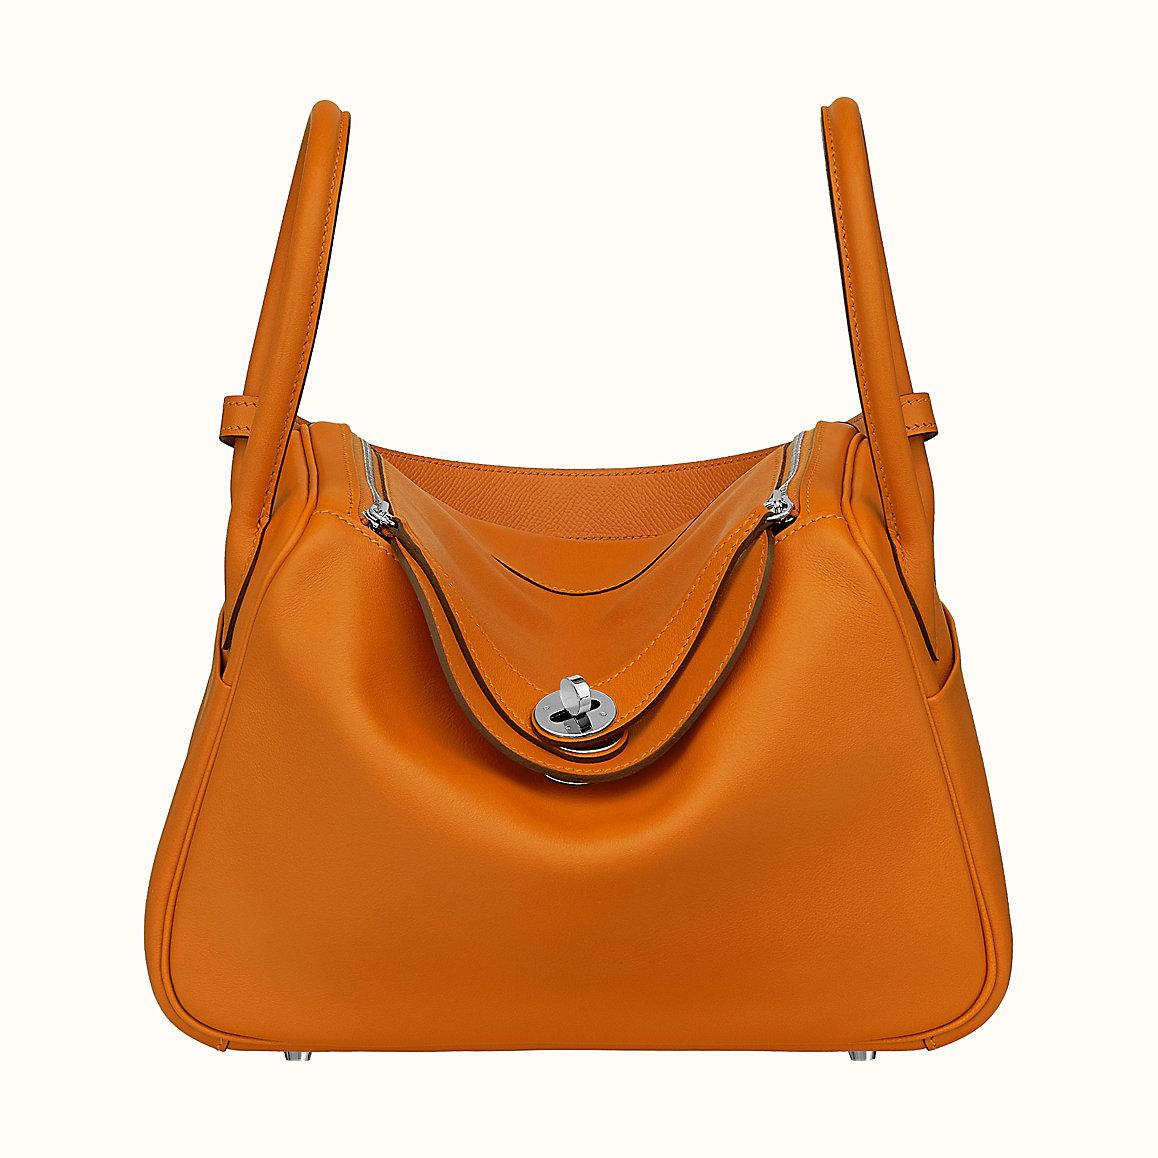 50代女性にオススメHERMES(エルメス)のレディースバッグ